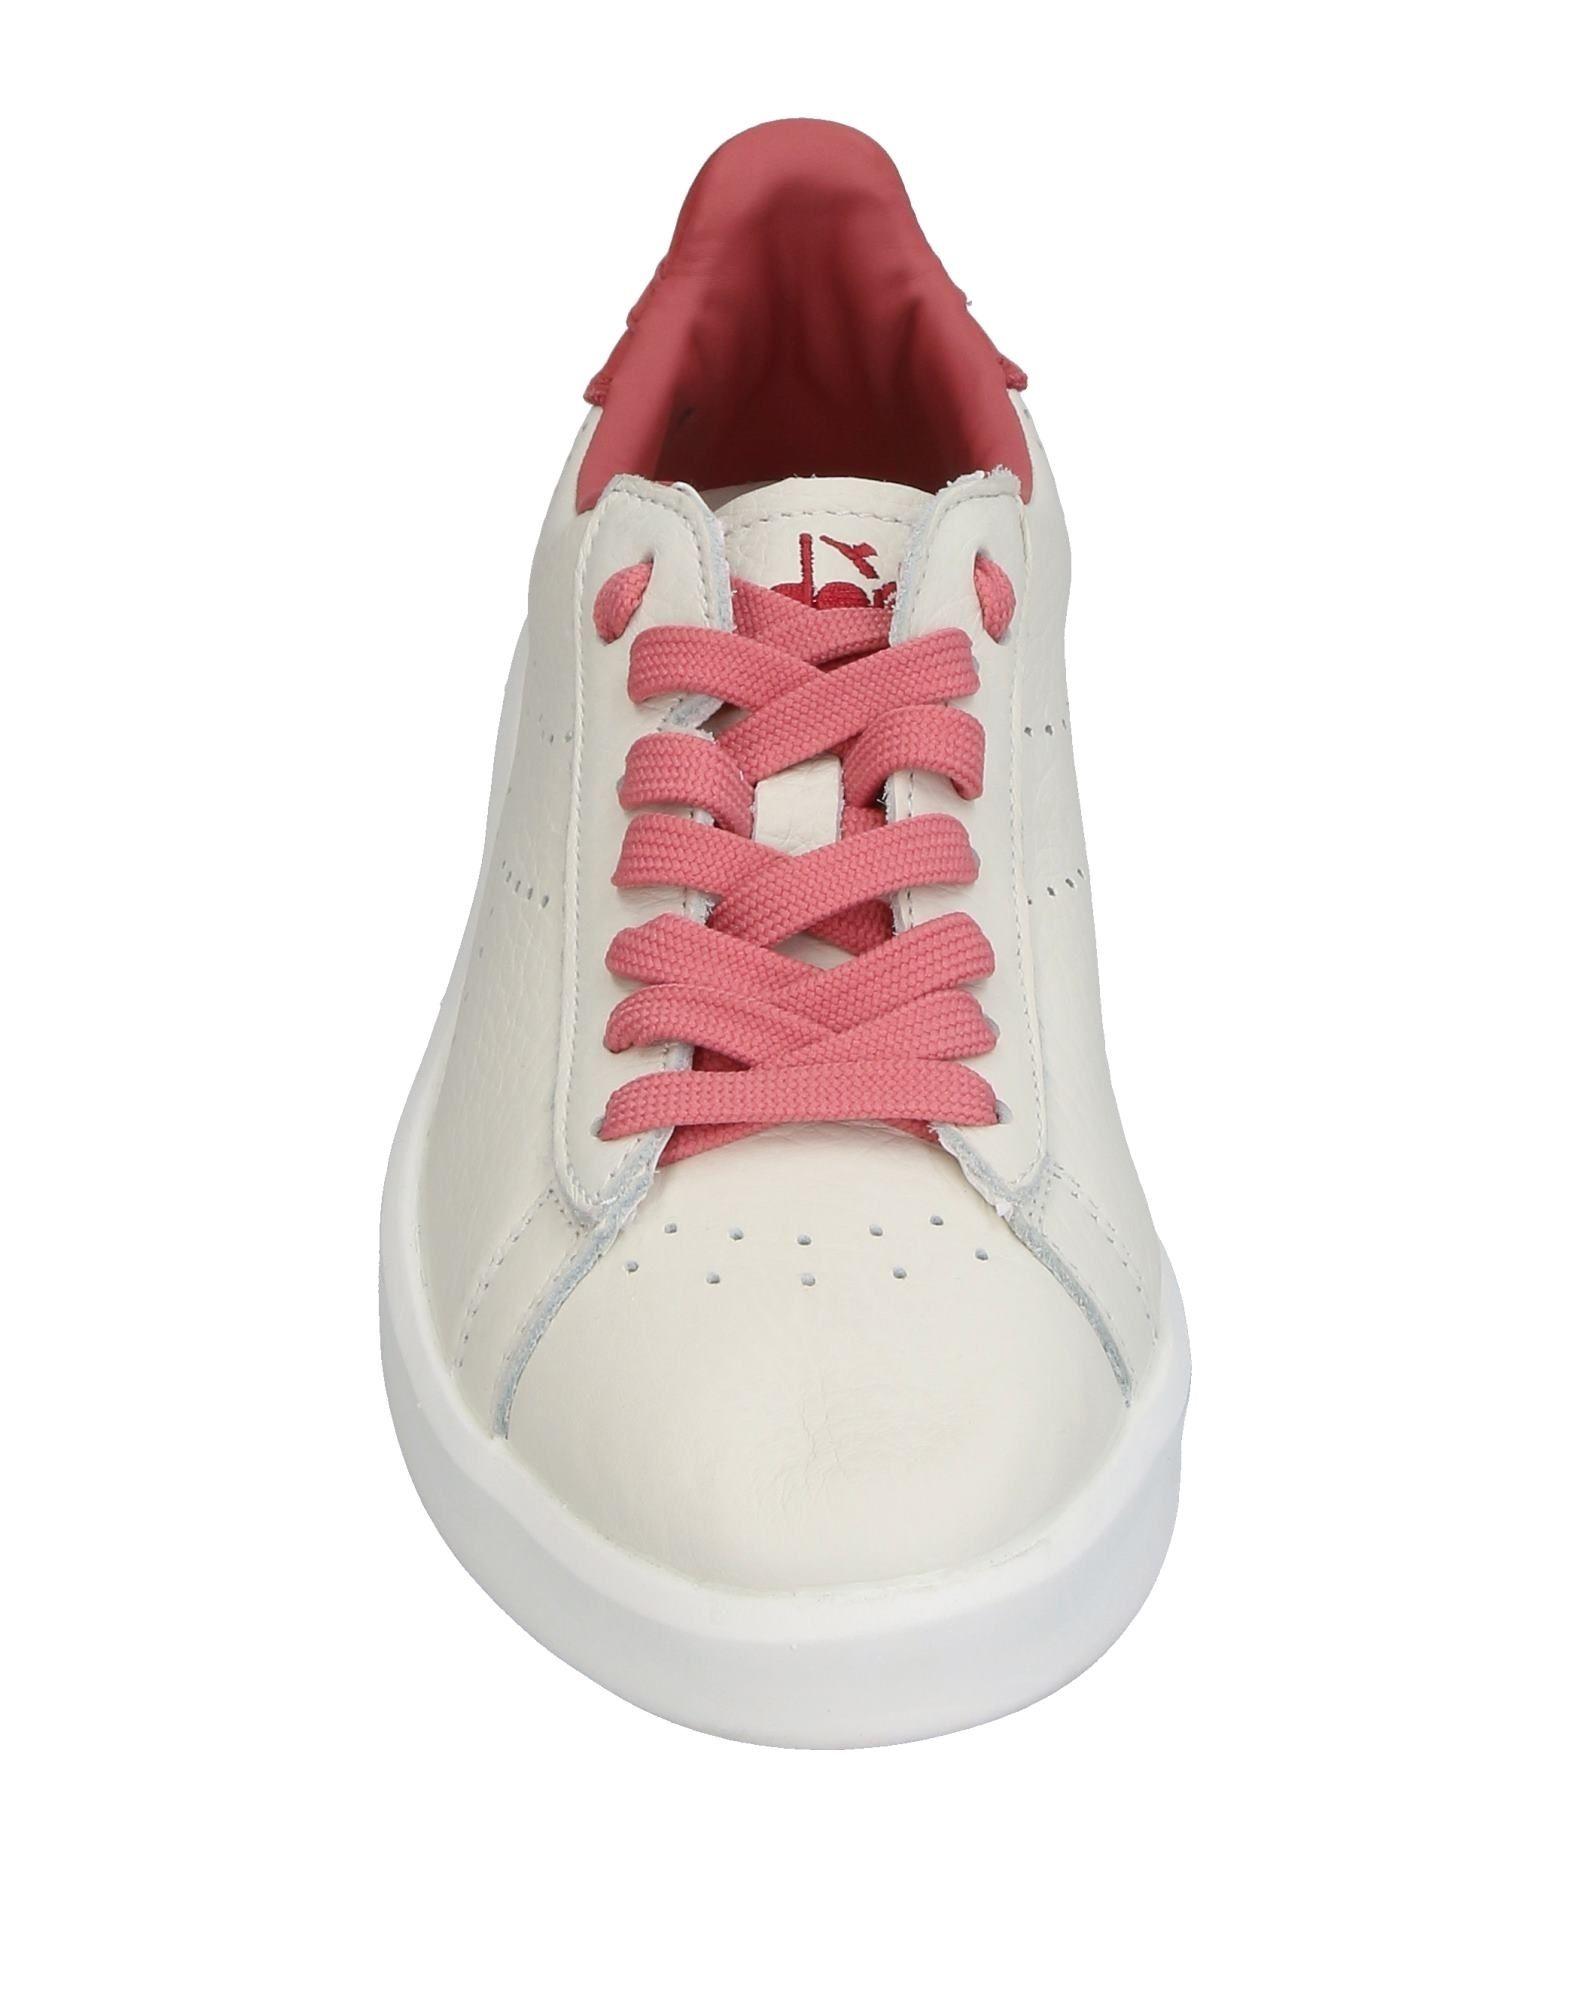 Diadora Heritage Sneakers Damen  11399542HW Gute Qualität beliebte Schuhe Schuhe beliebte f71eaa